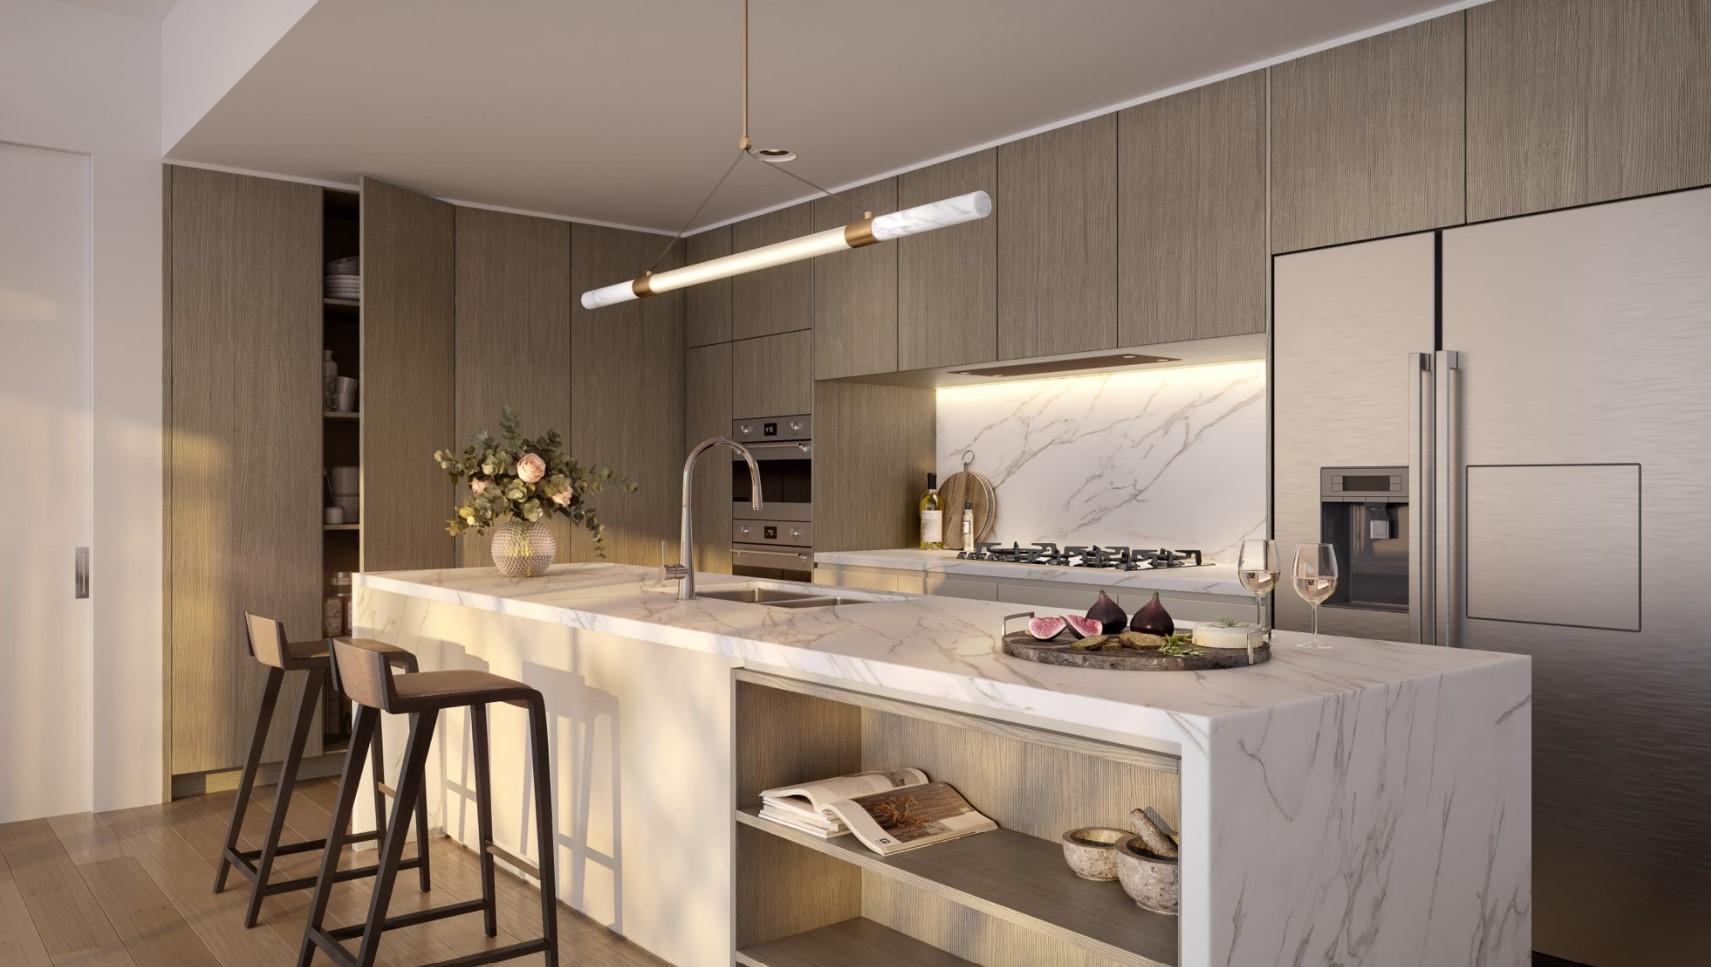 Akin Residences Southbank